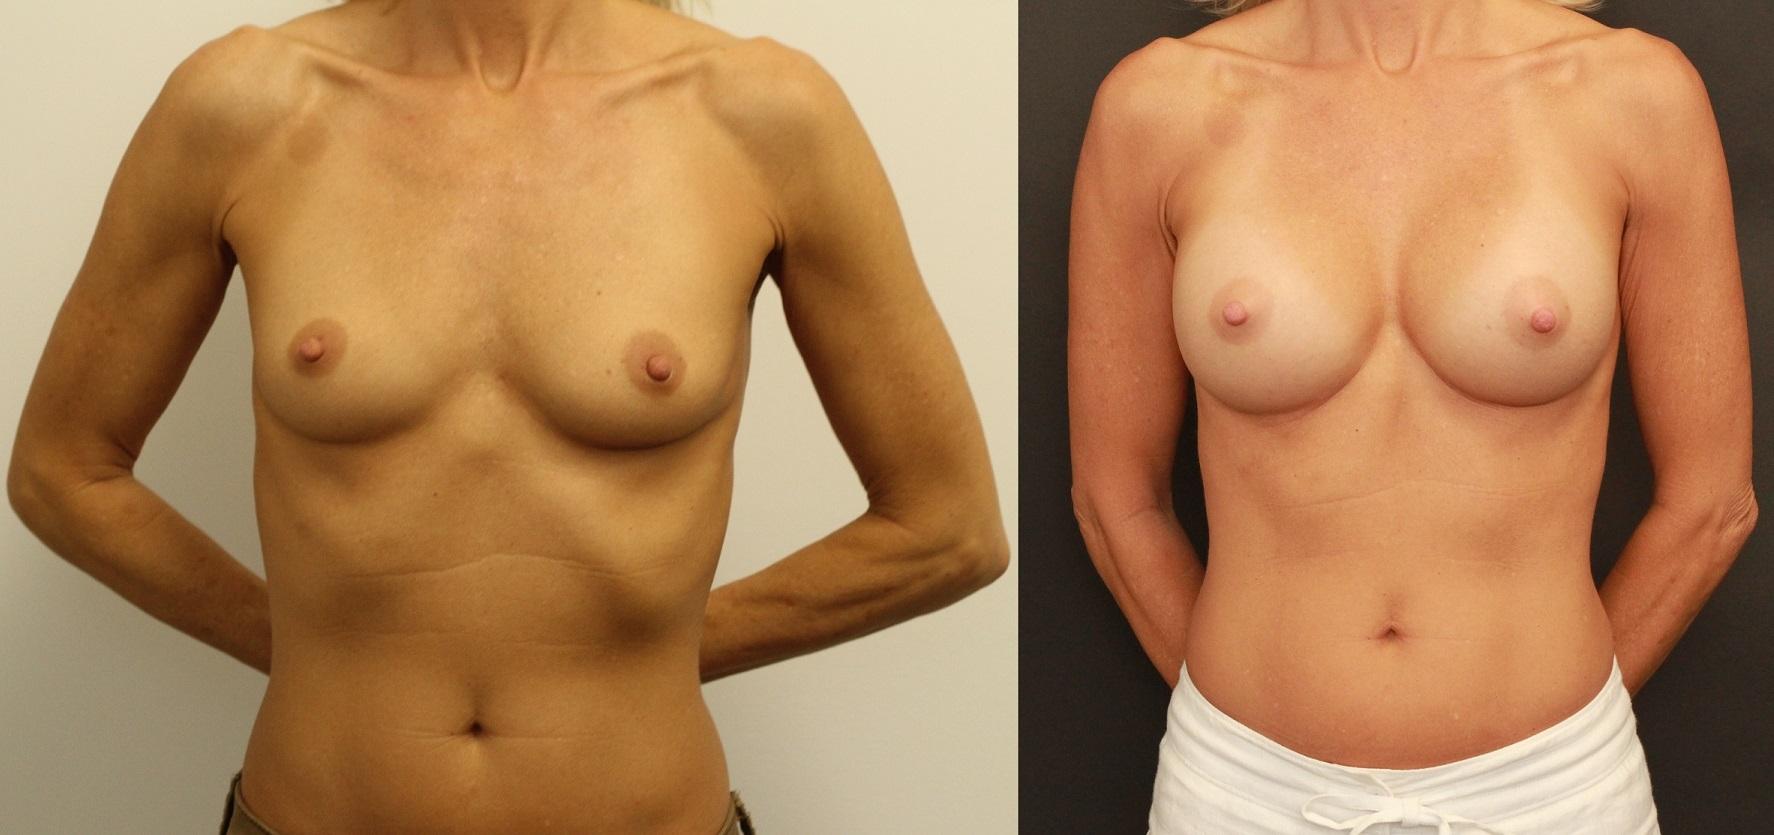 cold-subfascial-breast-augmentation-the-maercks-institute-miami.jpg-nggid03117-ngg0dyn-0x0x100-00f0w010c010r110f110r010t010